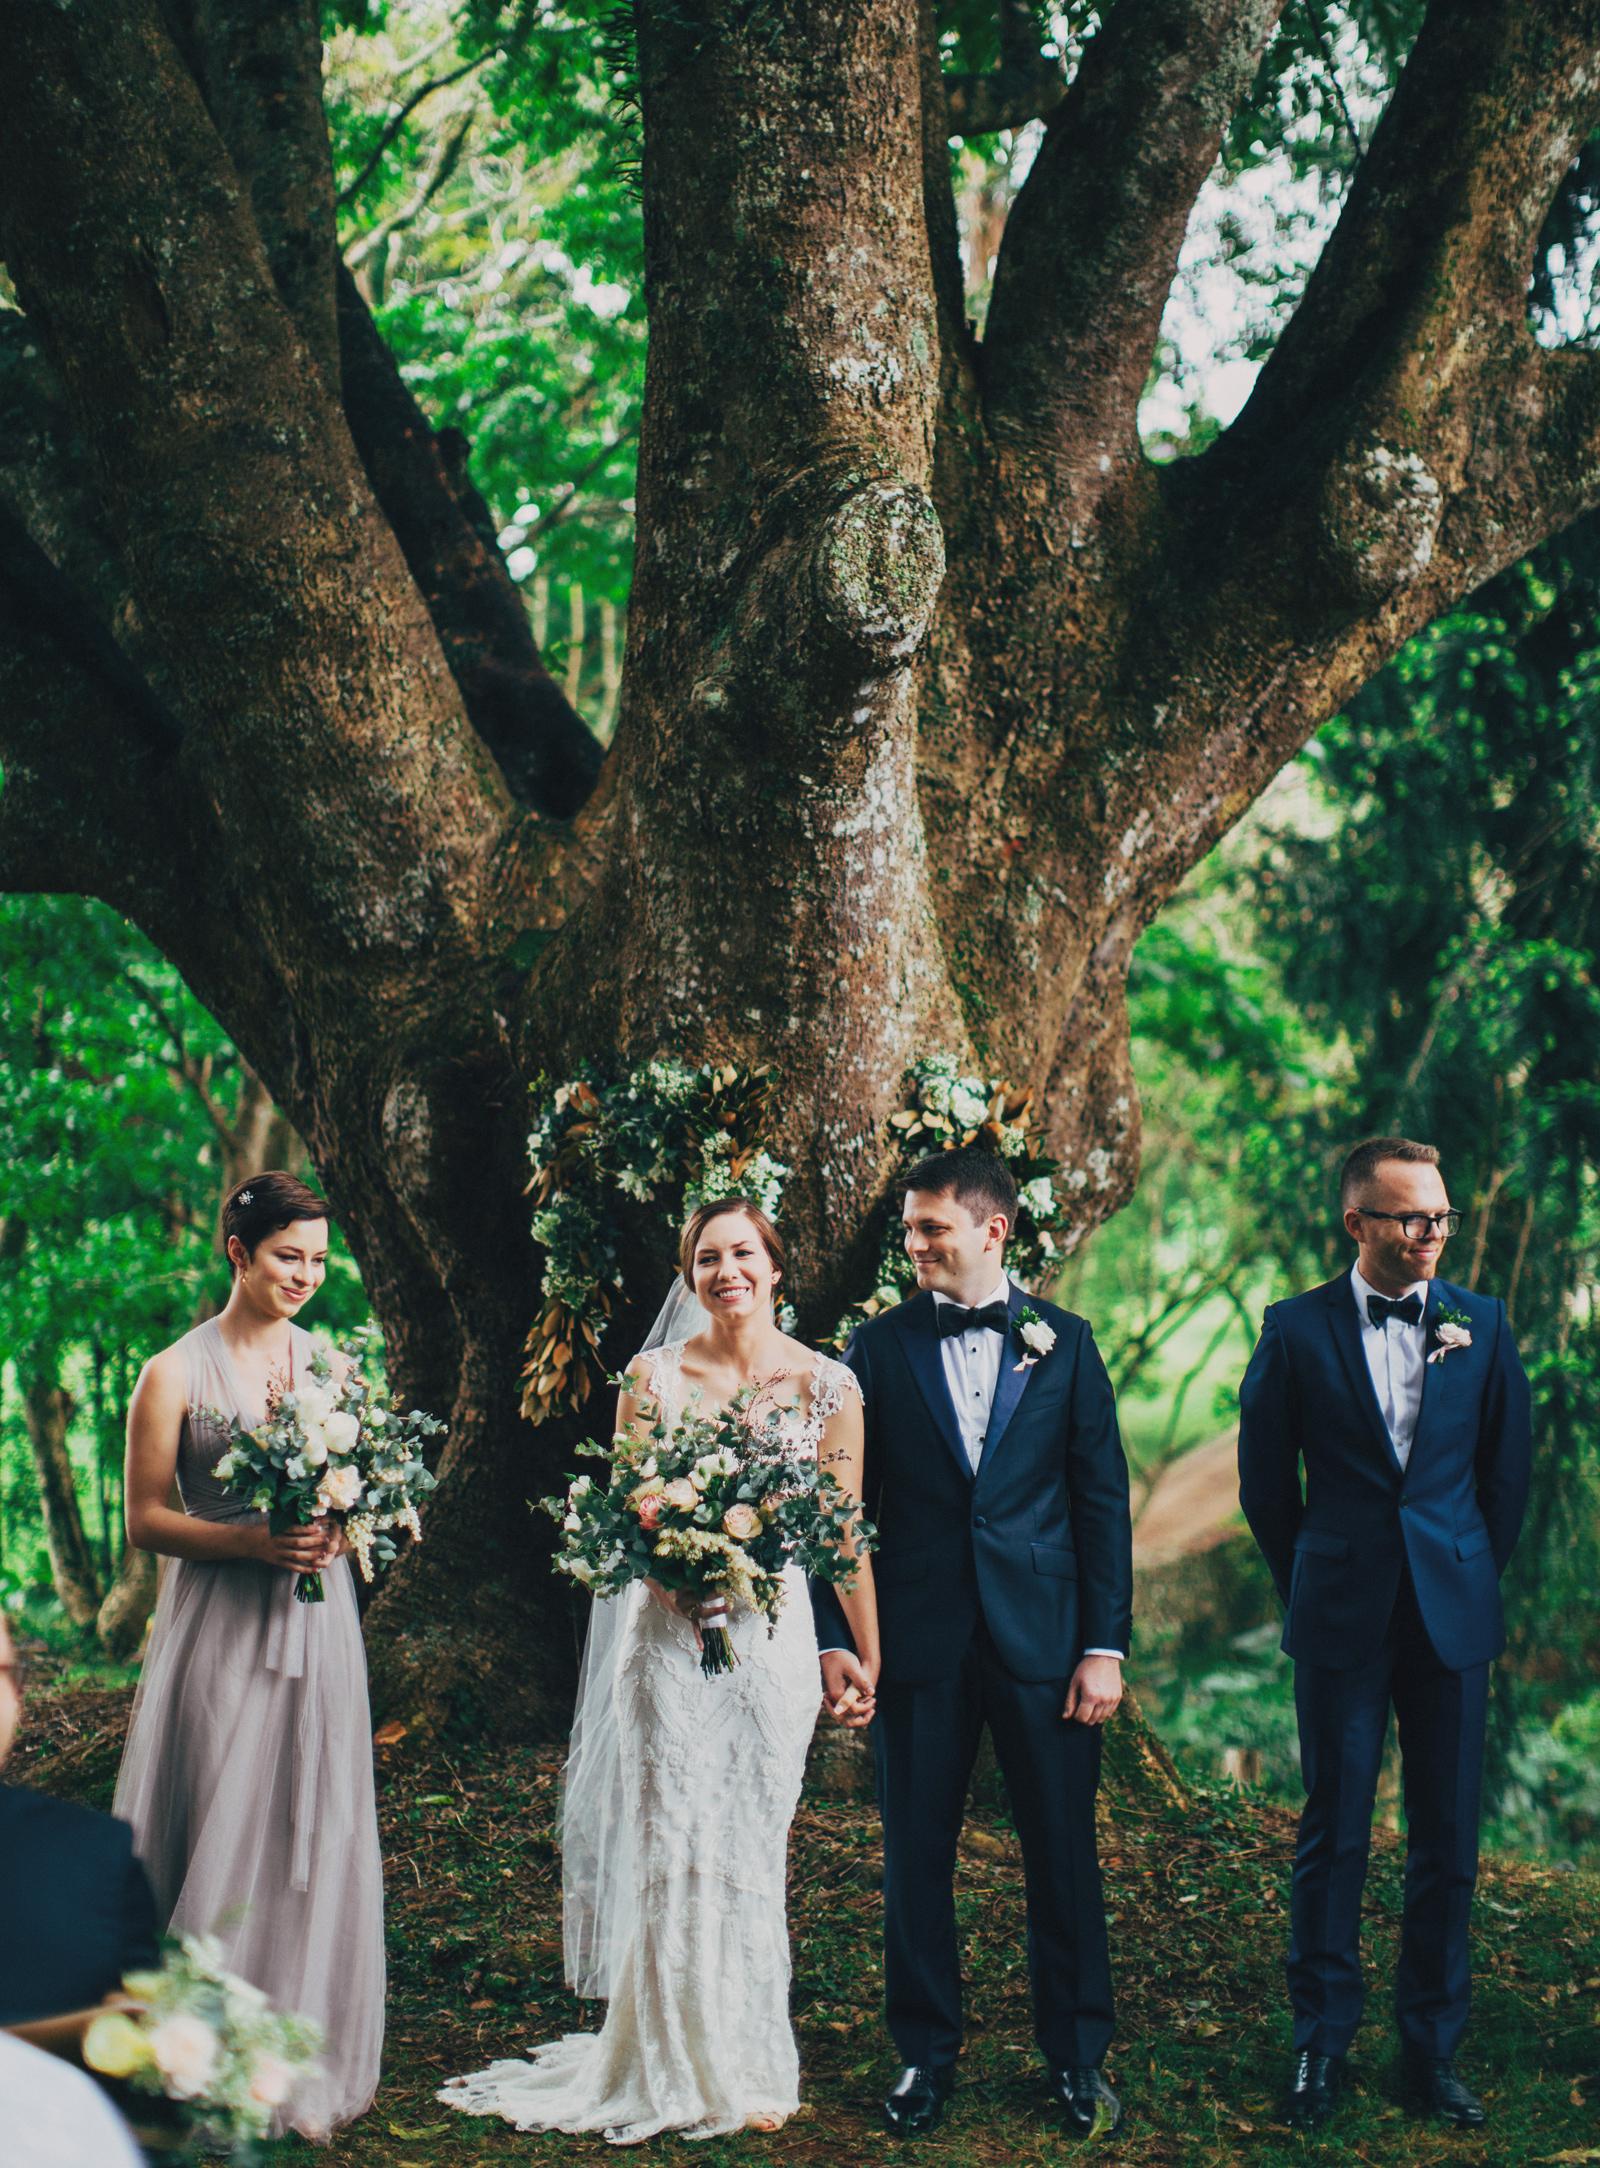 Hilary-&-Darren-Married---0308